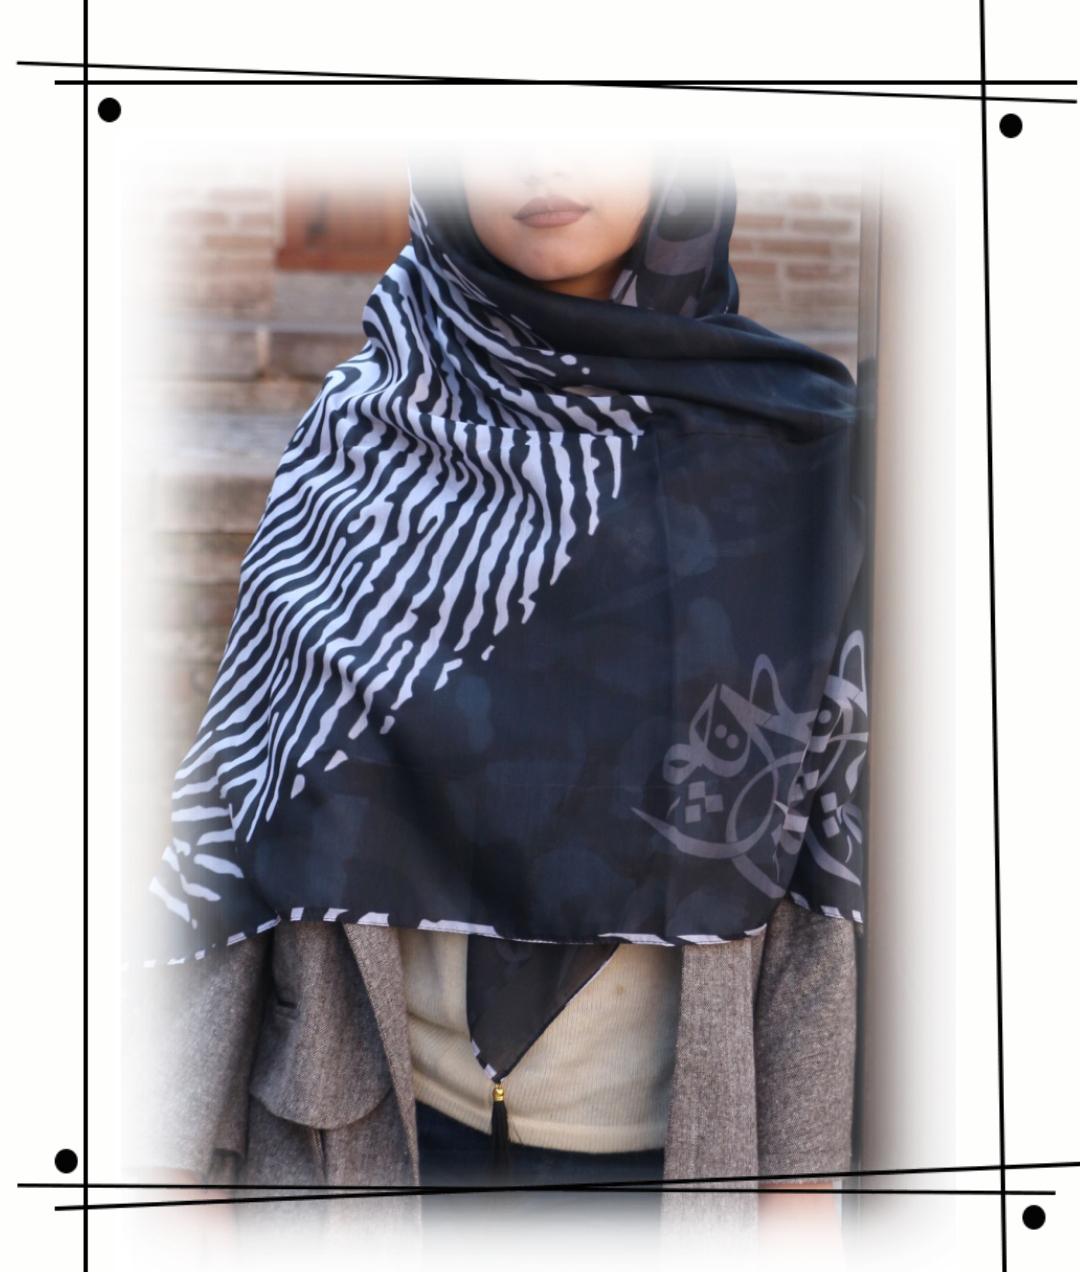 روسری های زیبا با طراحی خاص